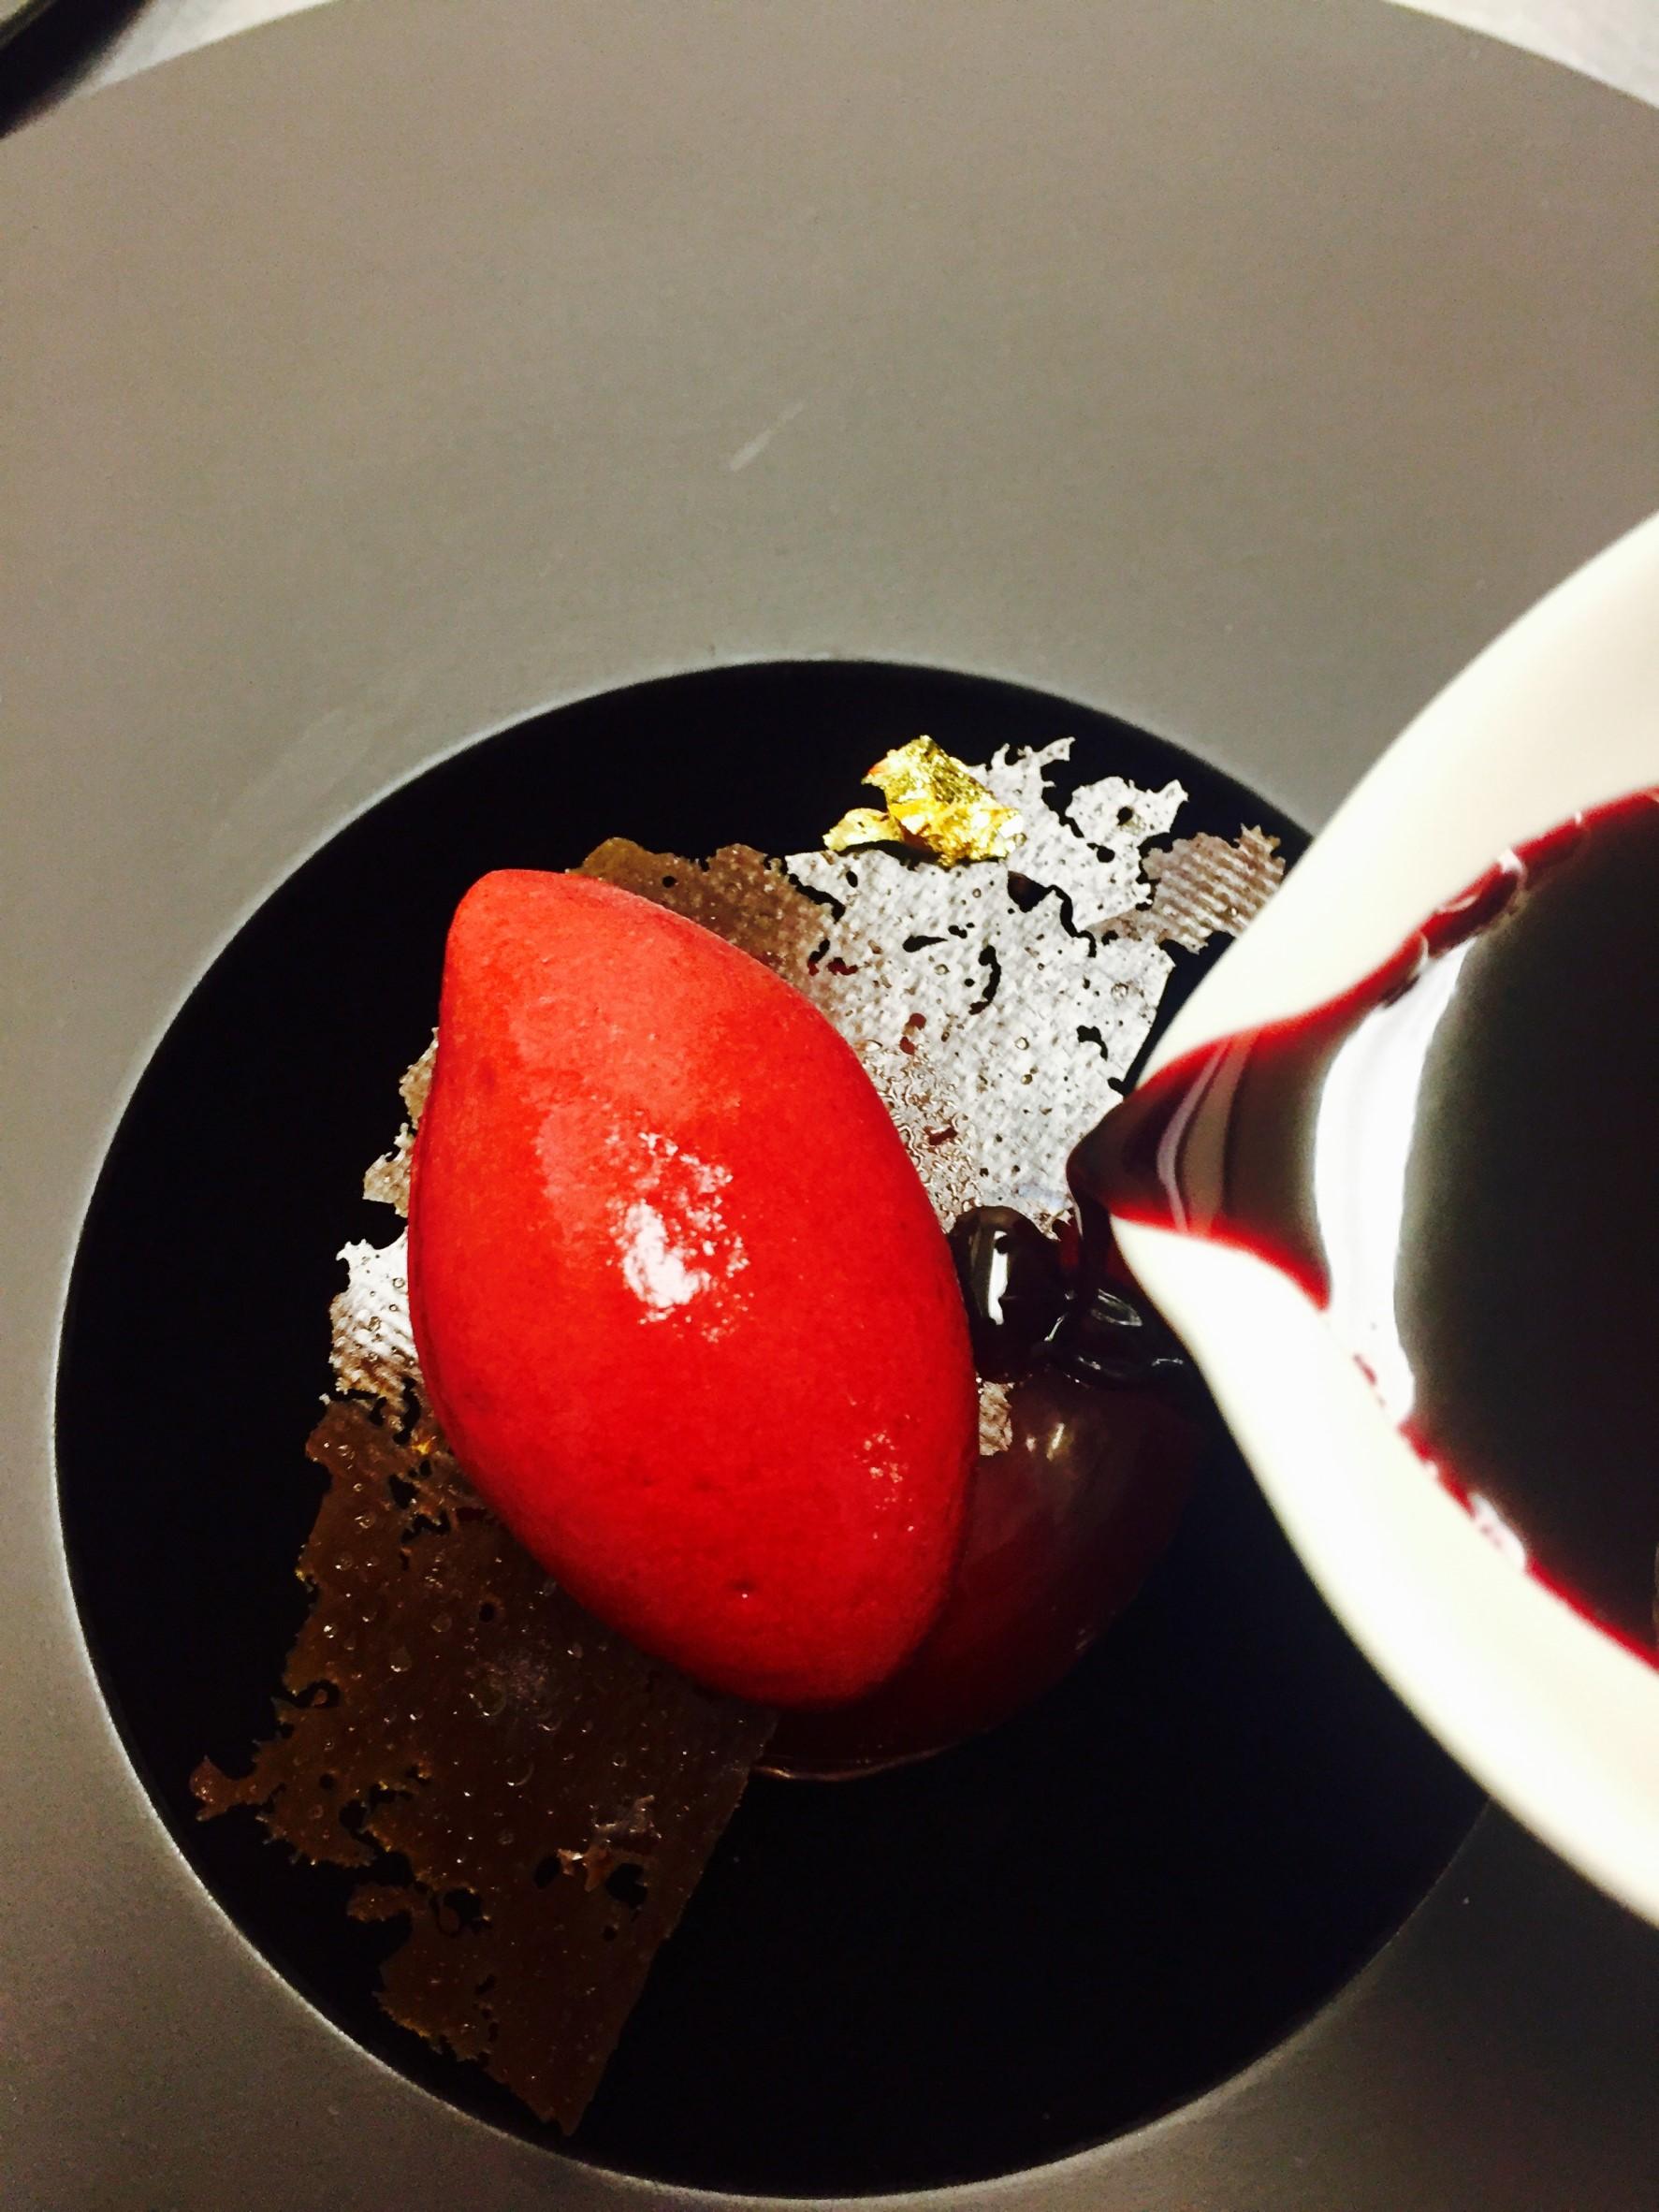 ミルクチョコレートの球体、チョコレートのエスプーマ、ポートワイン風味のチェリー、カシスとラズベリーのソルベ